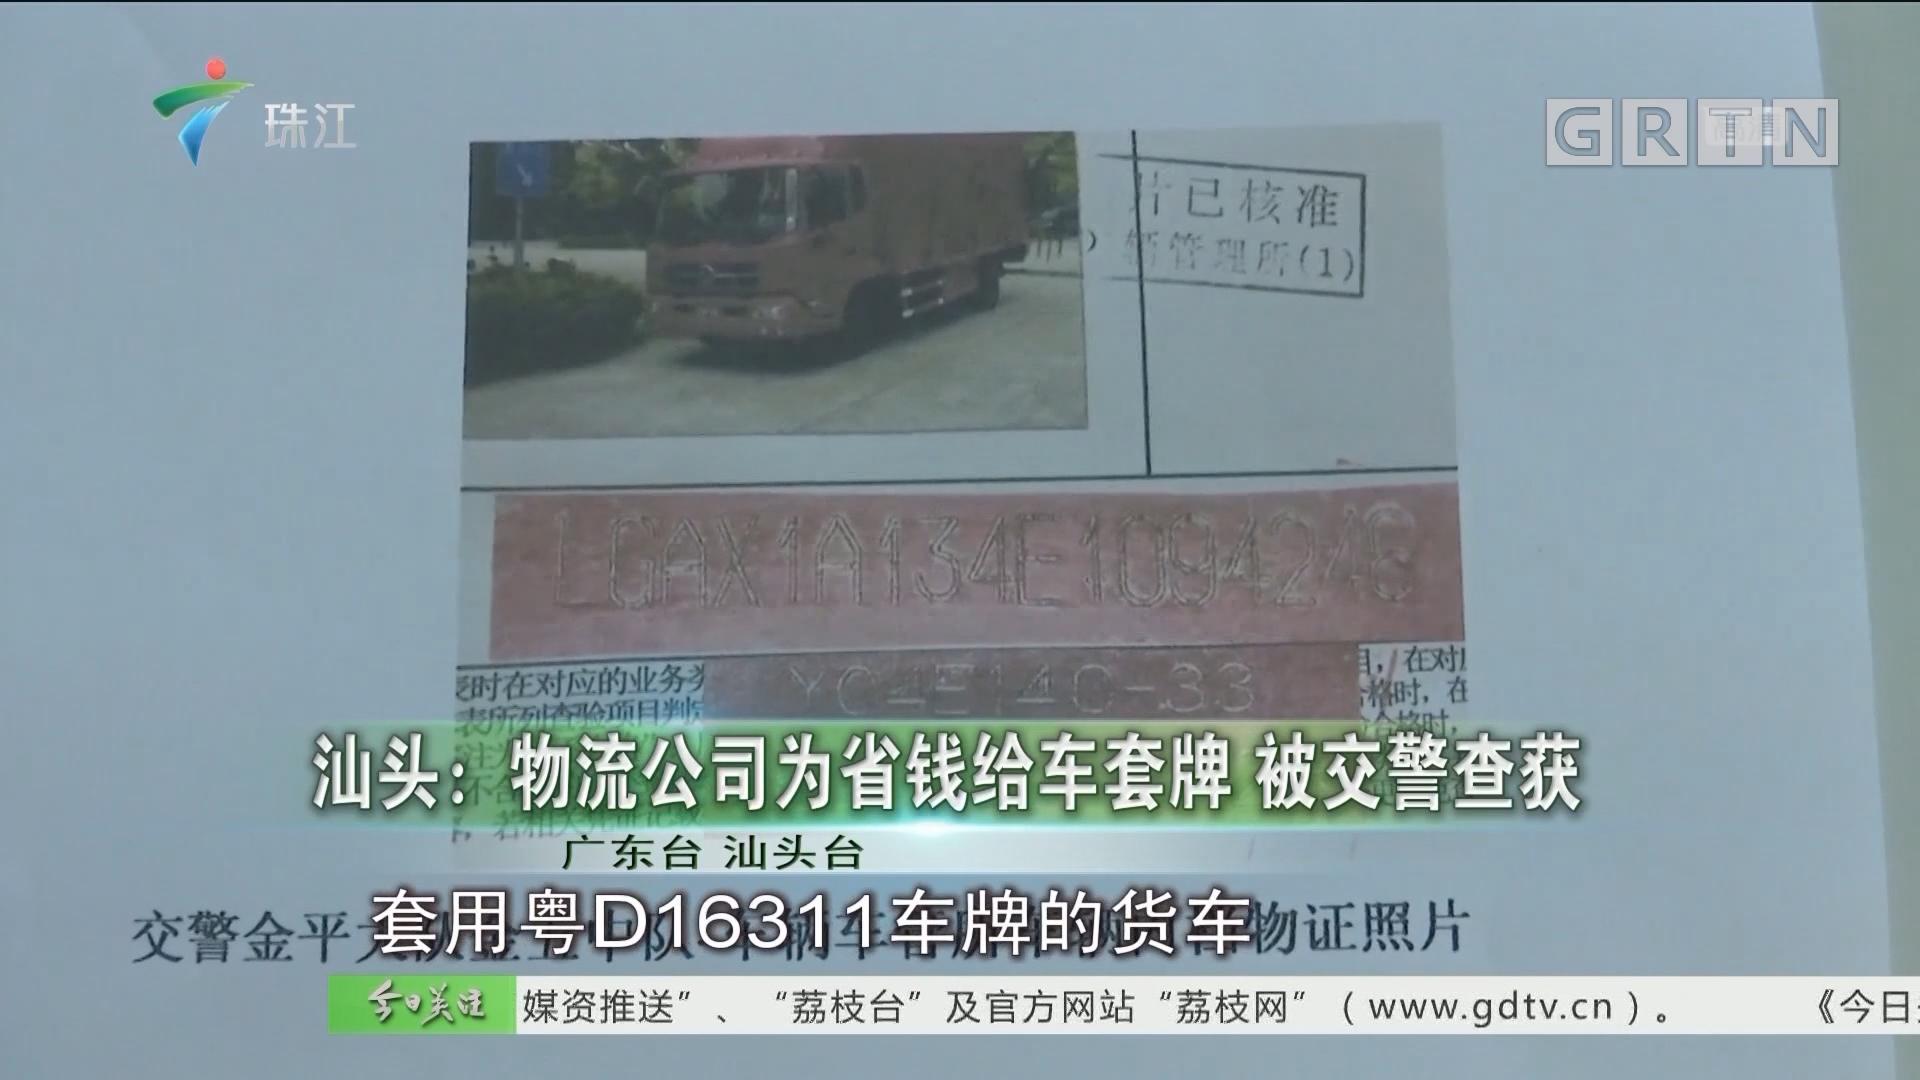 汕头:物流公司为省钱给车套牌 被交警查获